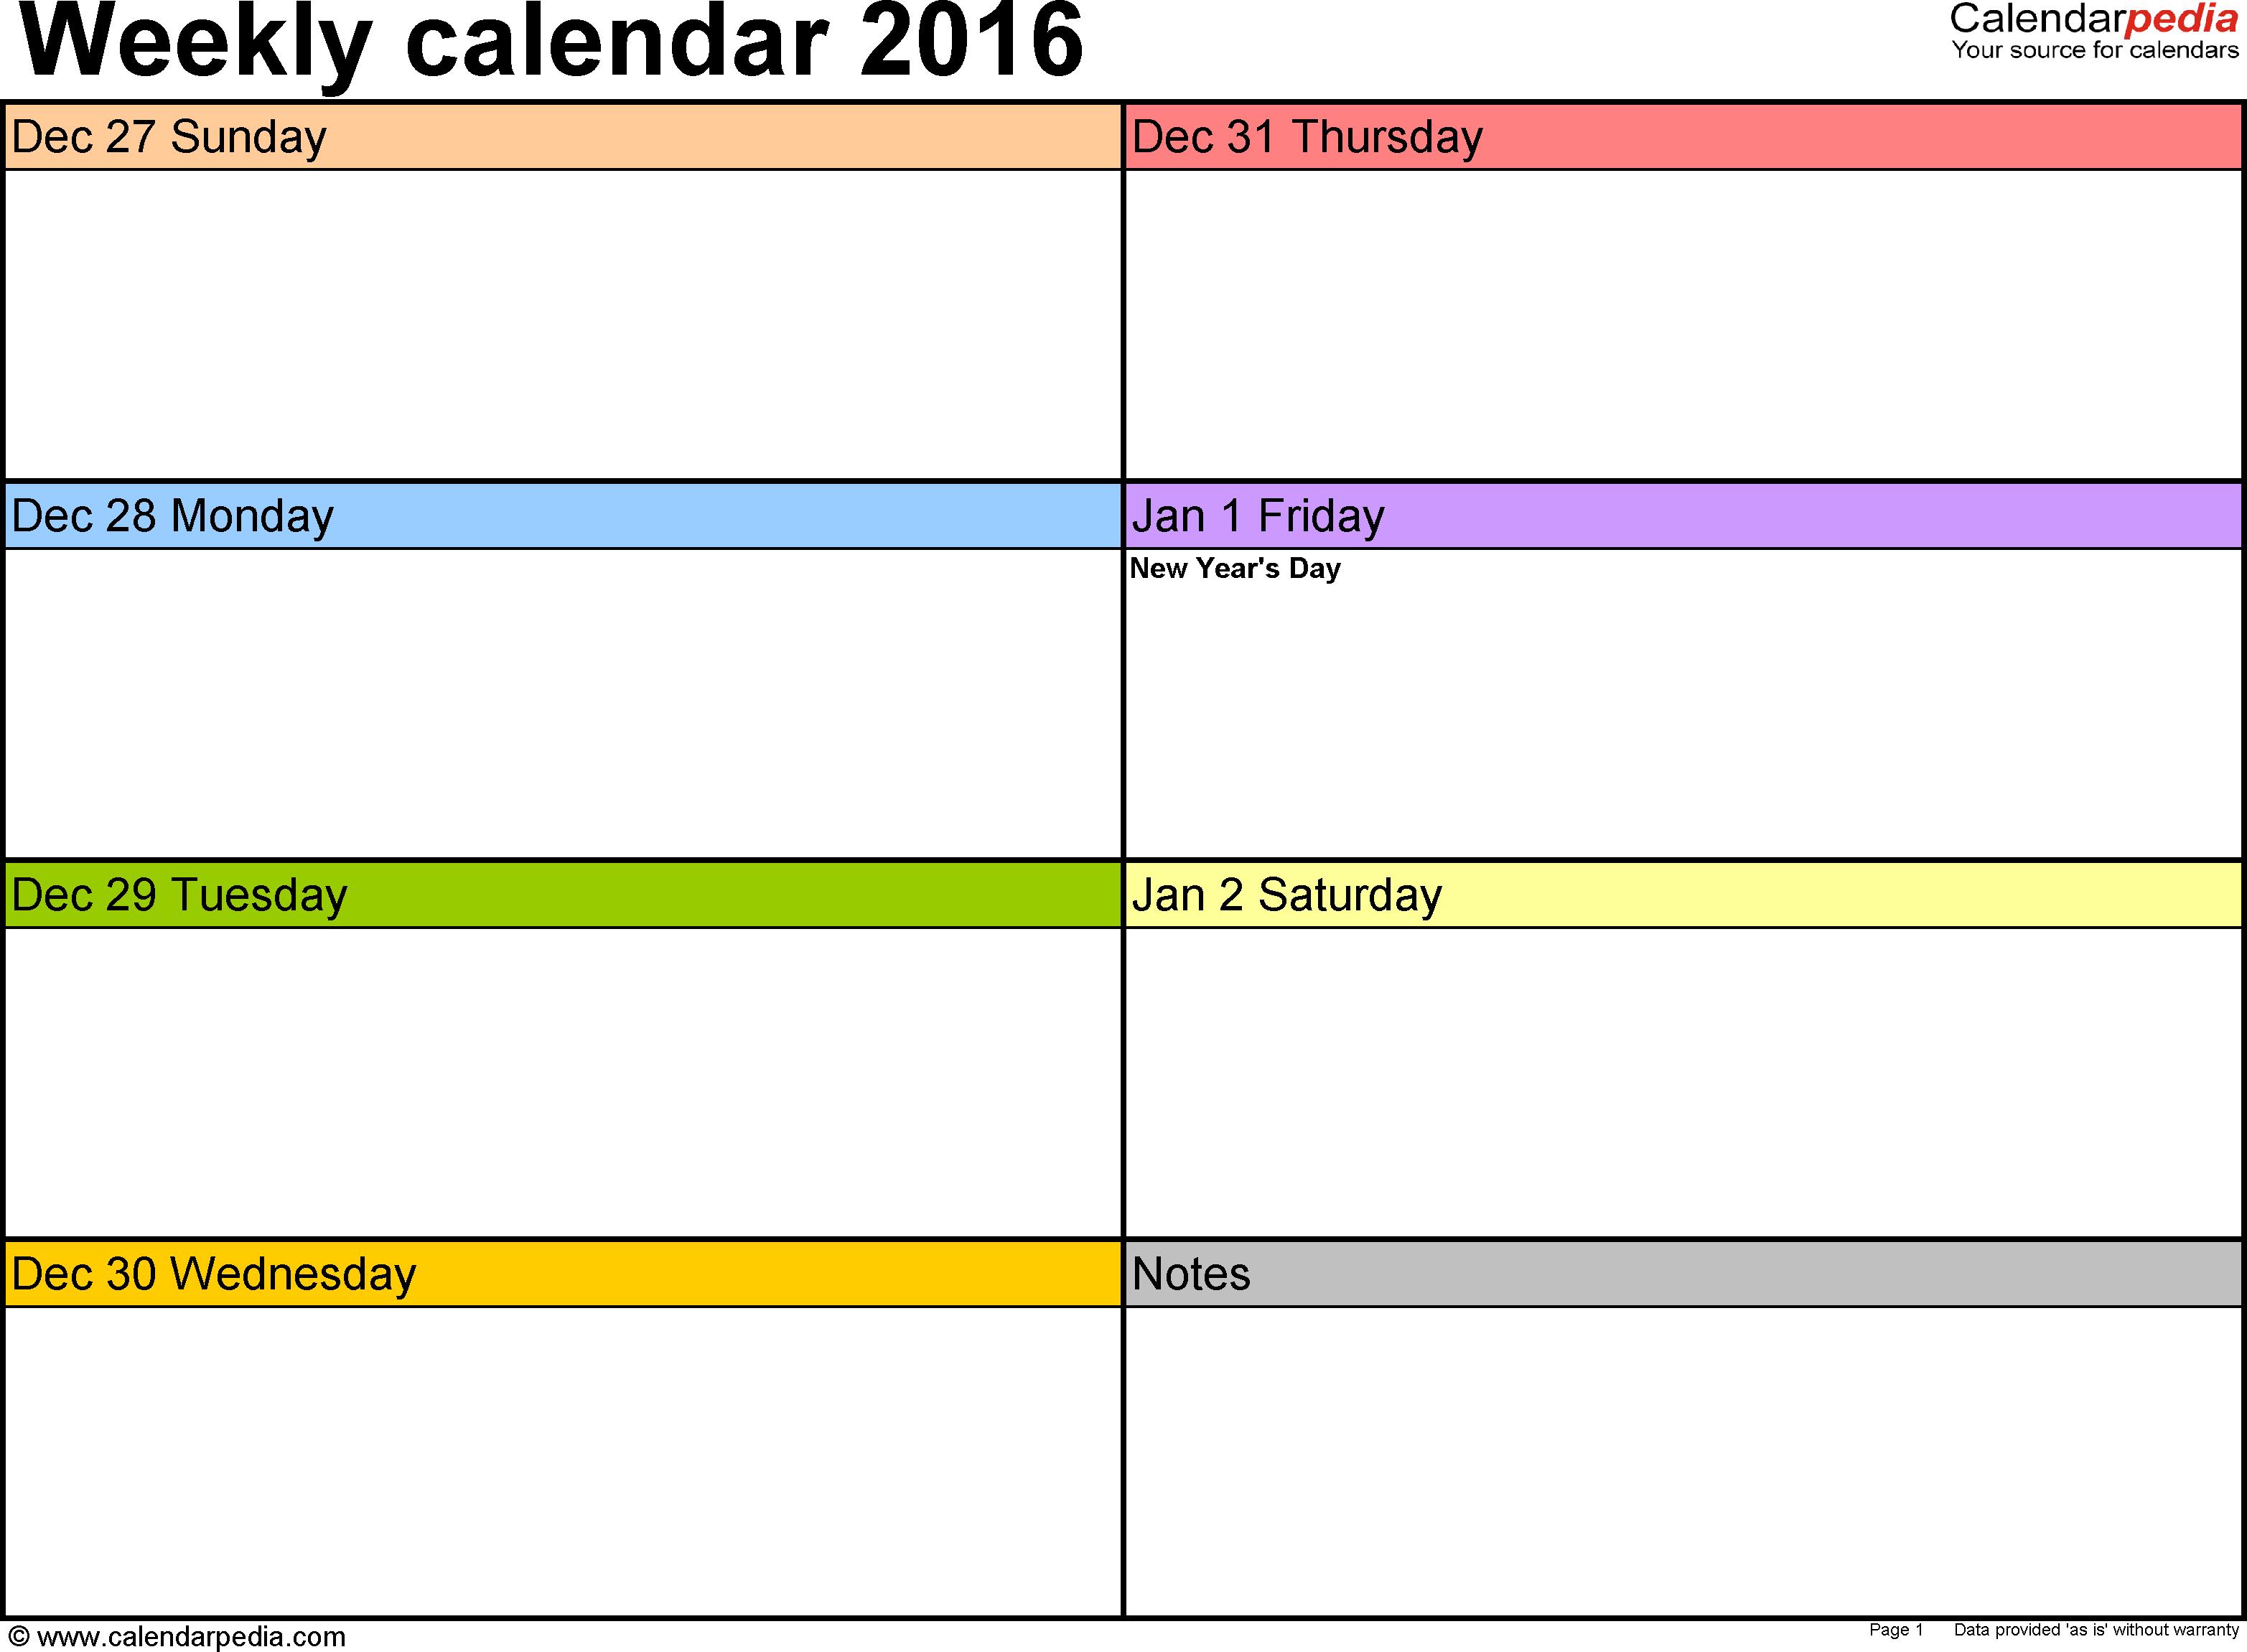 Free Printable Weekly Calendars Aaron The Artist Blank Planner within Free Printable Weekly Blank Calendar